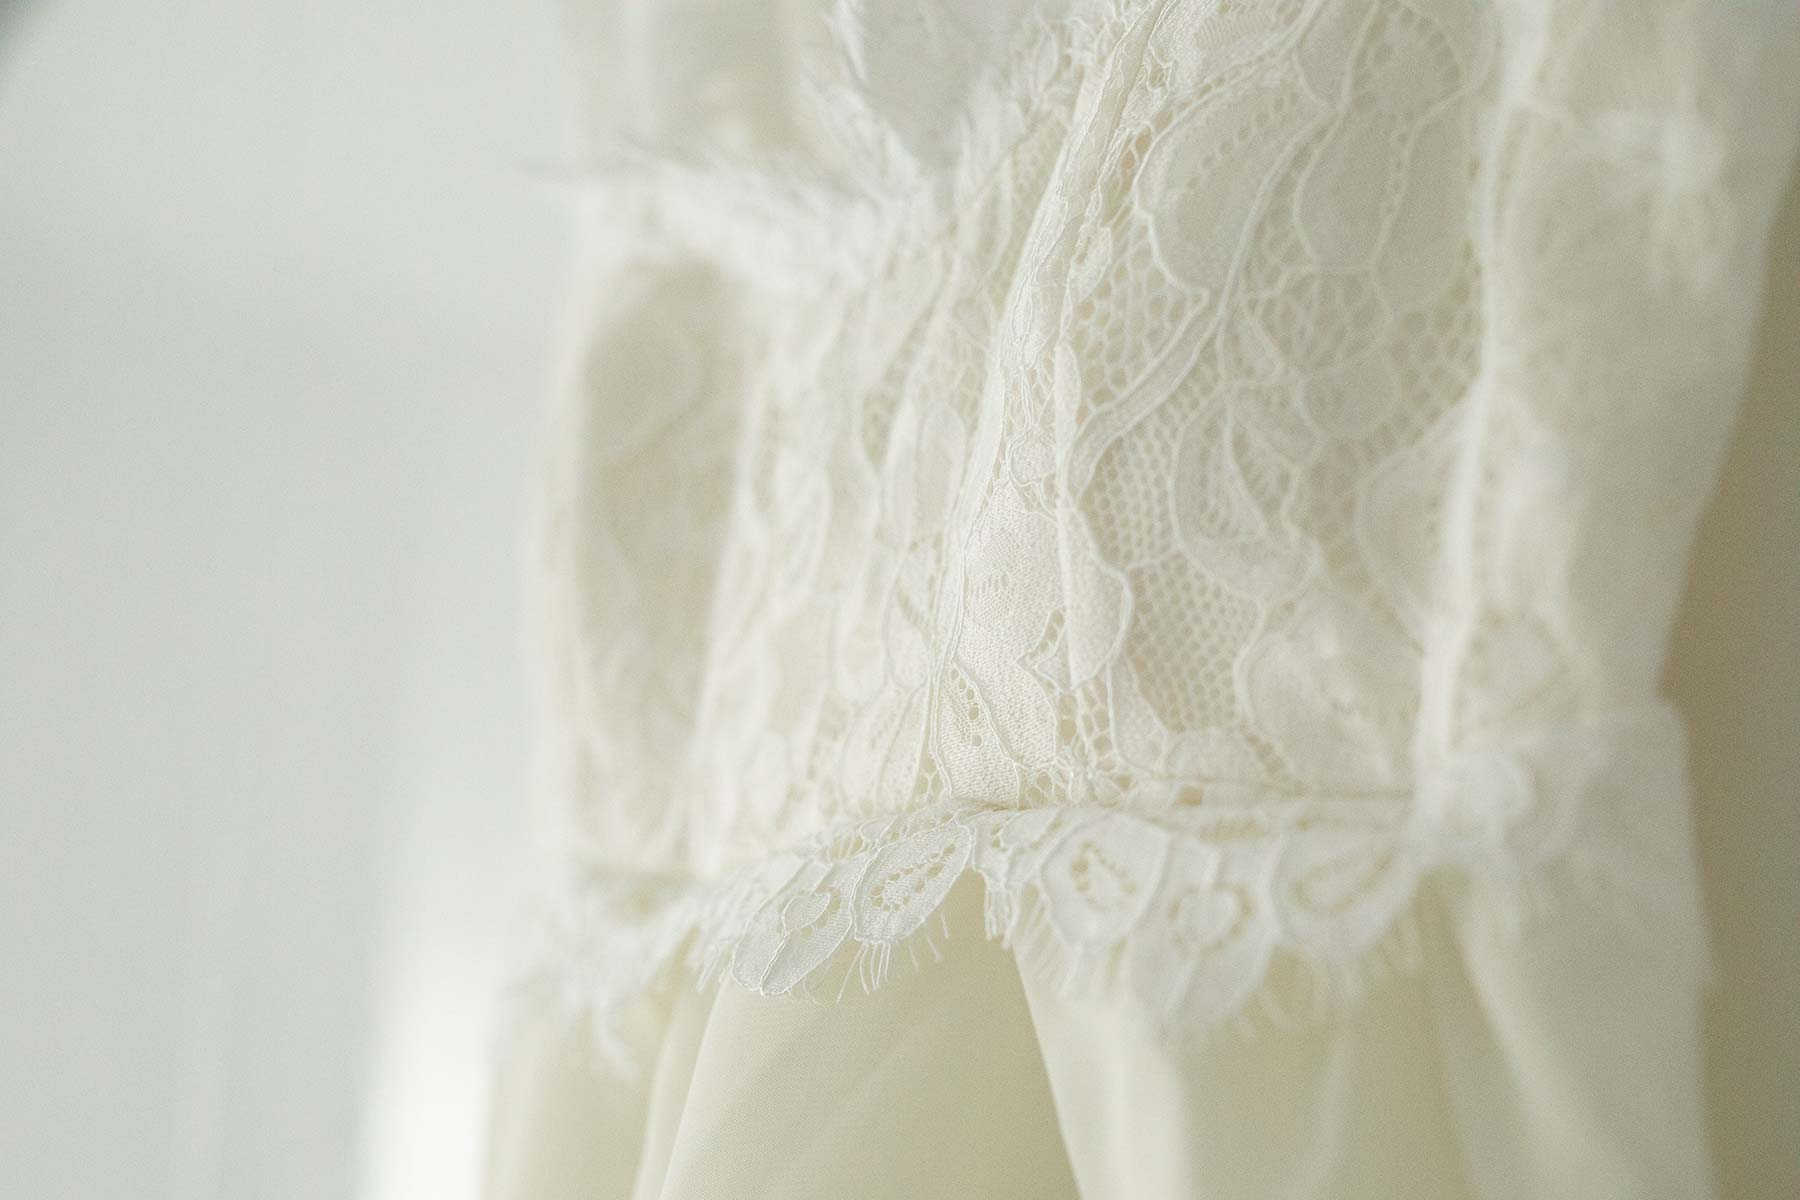 Detailaufnahme von einem Brautkleid bestellt bei wish.com